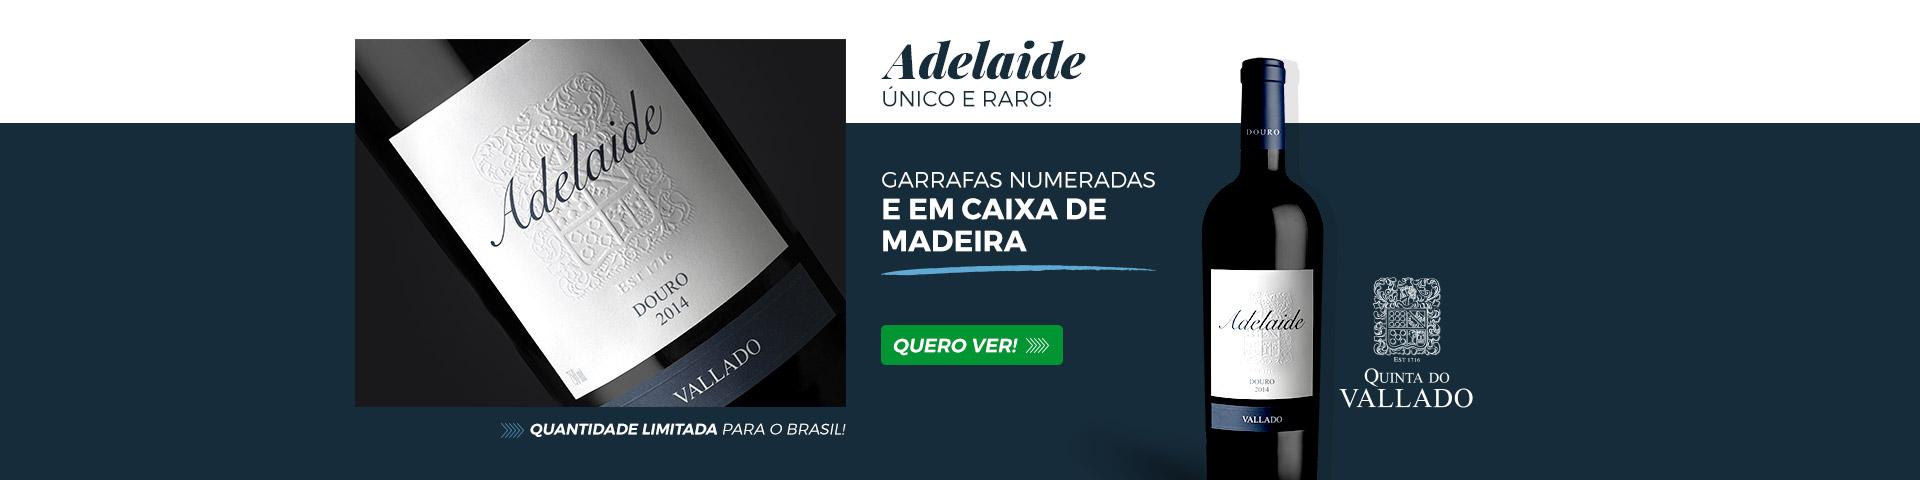 Vallado Adelaide Douro